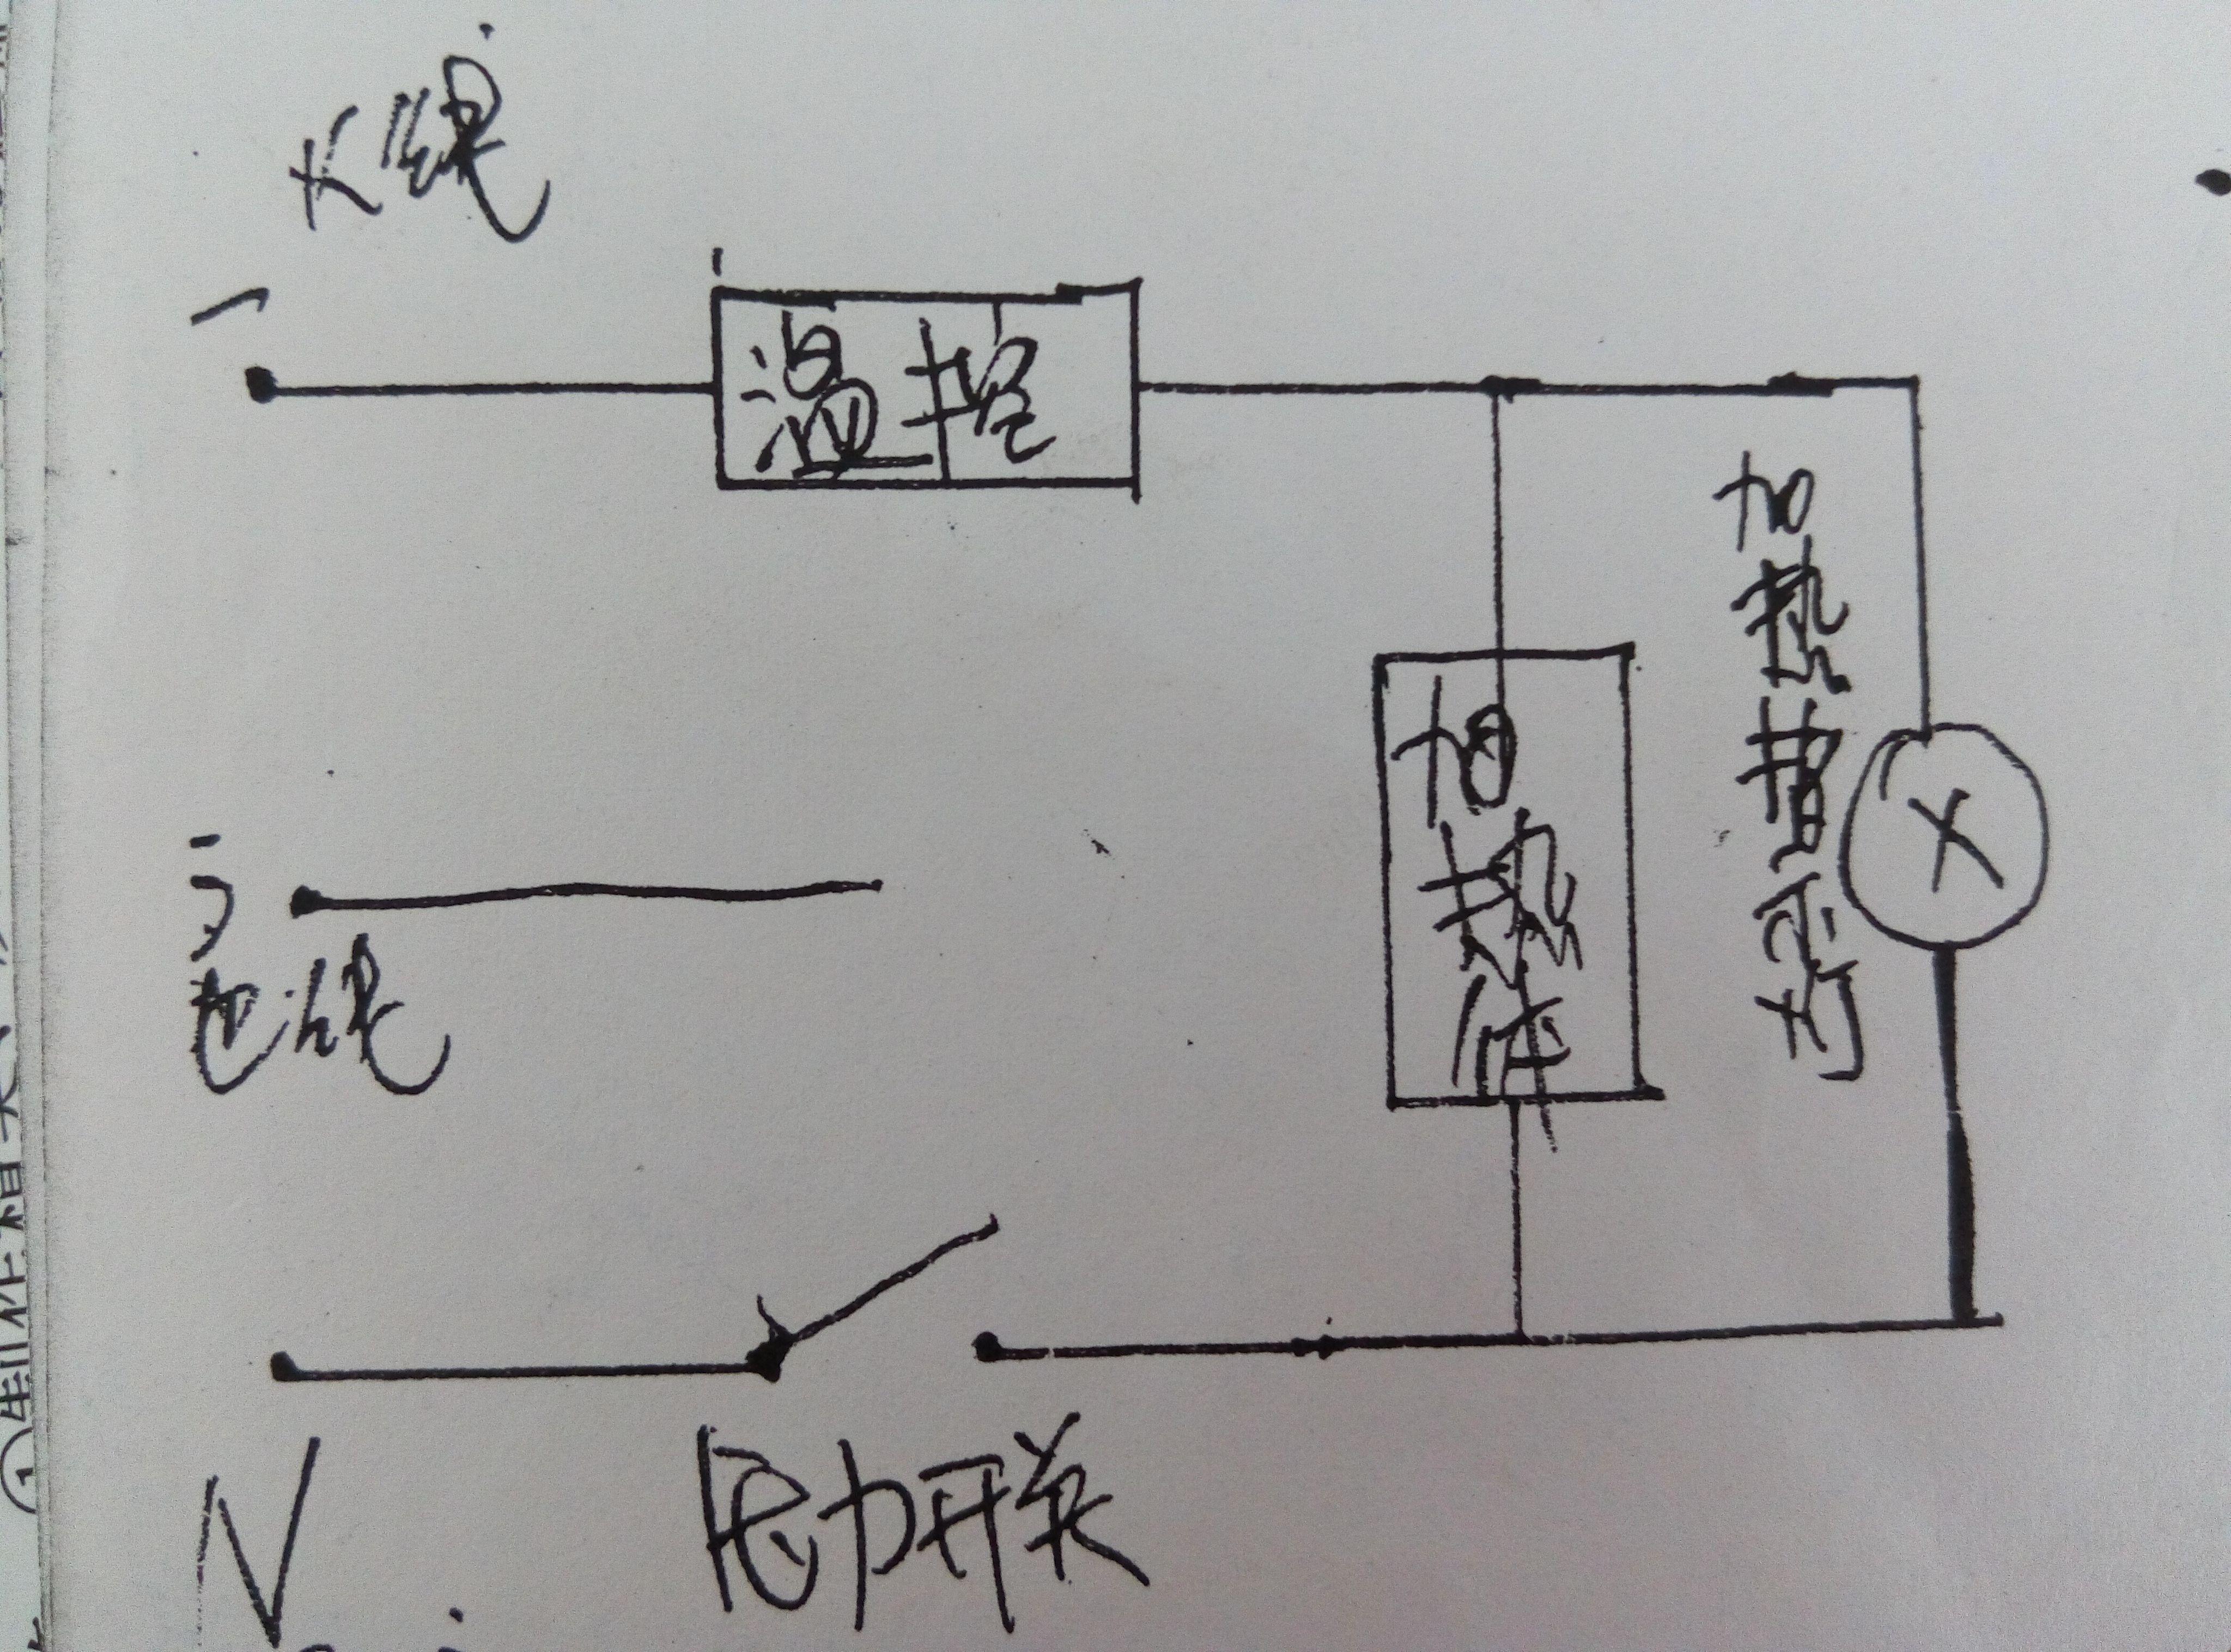 温控电路_电路图可以看出,要是温控熔断整个电路就断开了.